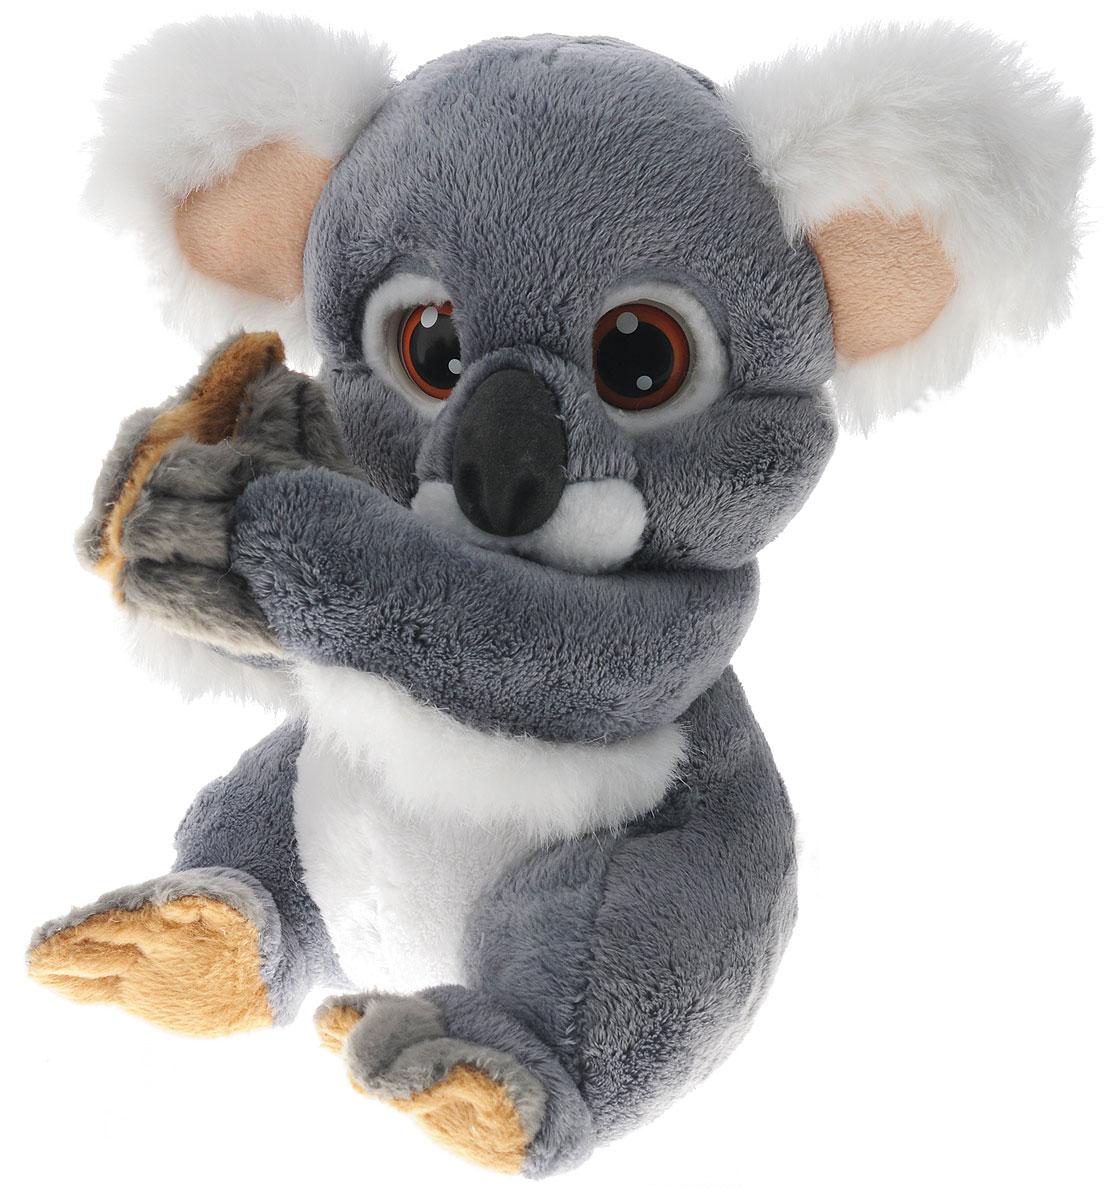 Giochi Preziosi Интерактивная игрушка Коала LiptoGPH30269Интерактивная игрушка Giochi Preziosi Коала Lipto - это необычайно милая интерактивная игрушка от известной итальянской компании Giochi Preziosi. Коала Липто приведет в восторг вашего ребенка! Малыш Липто любит поспать, а проснувшись, он, как и все коалы, хочет кушать, причем кушать он любит не только листики эвкалипта, но и все, что вы ему предложите, положив угощение рядом с его ртом. Липто сразу же примется за пищу, издавая забавные жующие и хрустящие звуки, как самая настоящая коала. Интерактивная игрушка Lipto умеет шевелить своими большими ушками, закрывает глазки, если положить коалу на спинку, а еще она любит обниматься! Лапки игрушки соединяются липучкой, крепко держатся, не расходясь в стороны. Липто может обнять ручку ребенка своими лапками, уверенно держась и не падая, а значит, его можно брать с собой на прогулку, не расставаясь ни на минуту со своим питомцем. Интерактивная коала Lipto совсем как живая. Обними ее и ты услышишь сердцебиение этого...